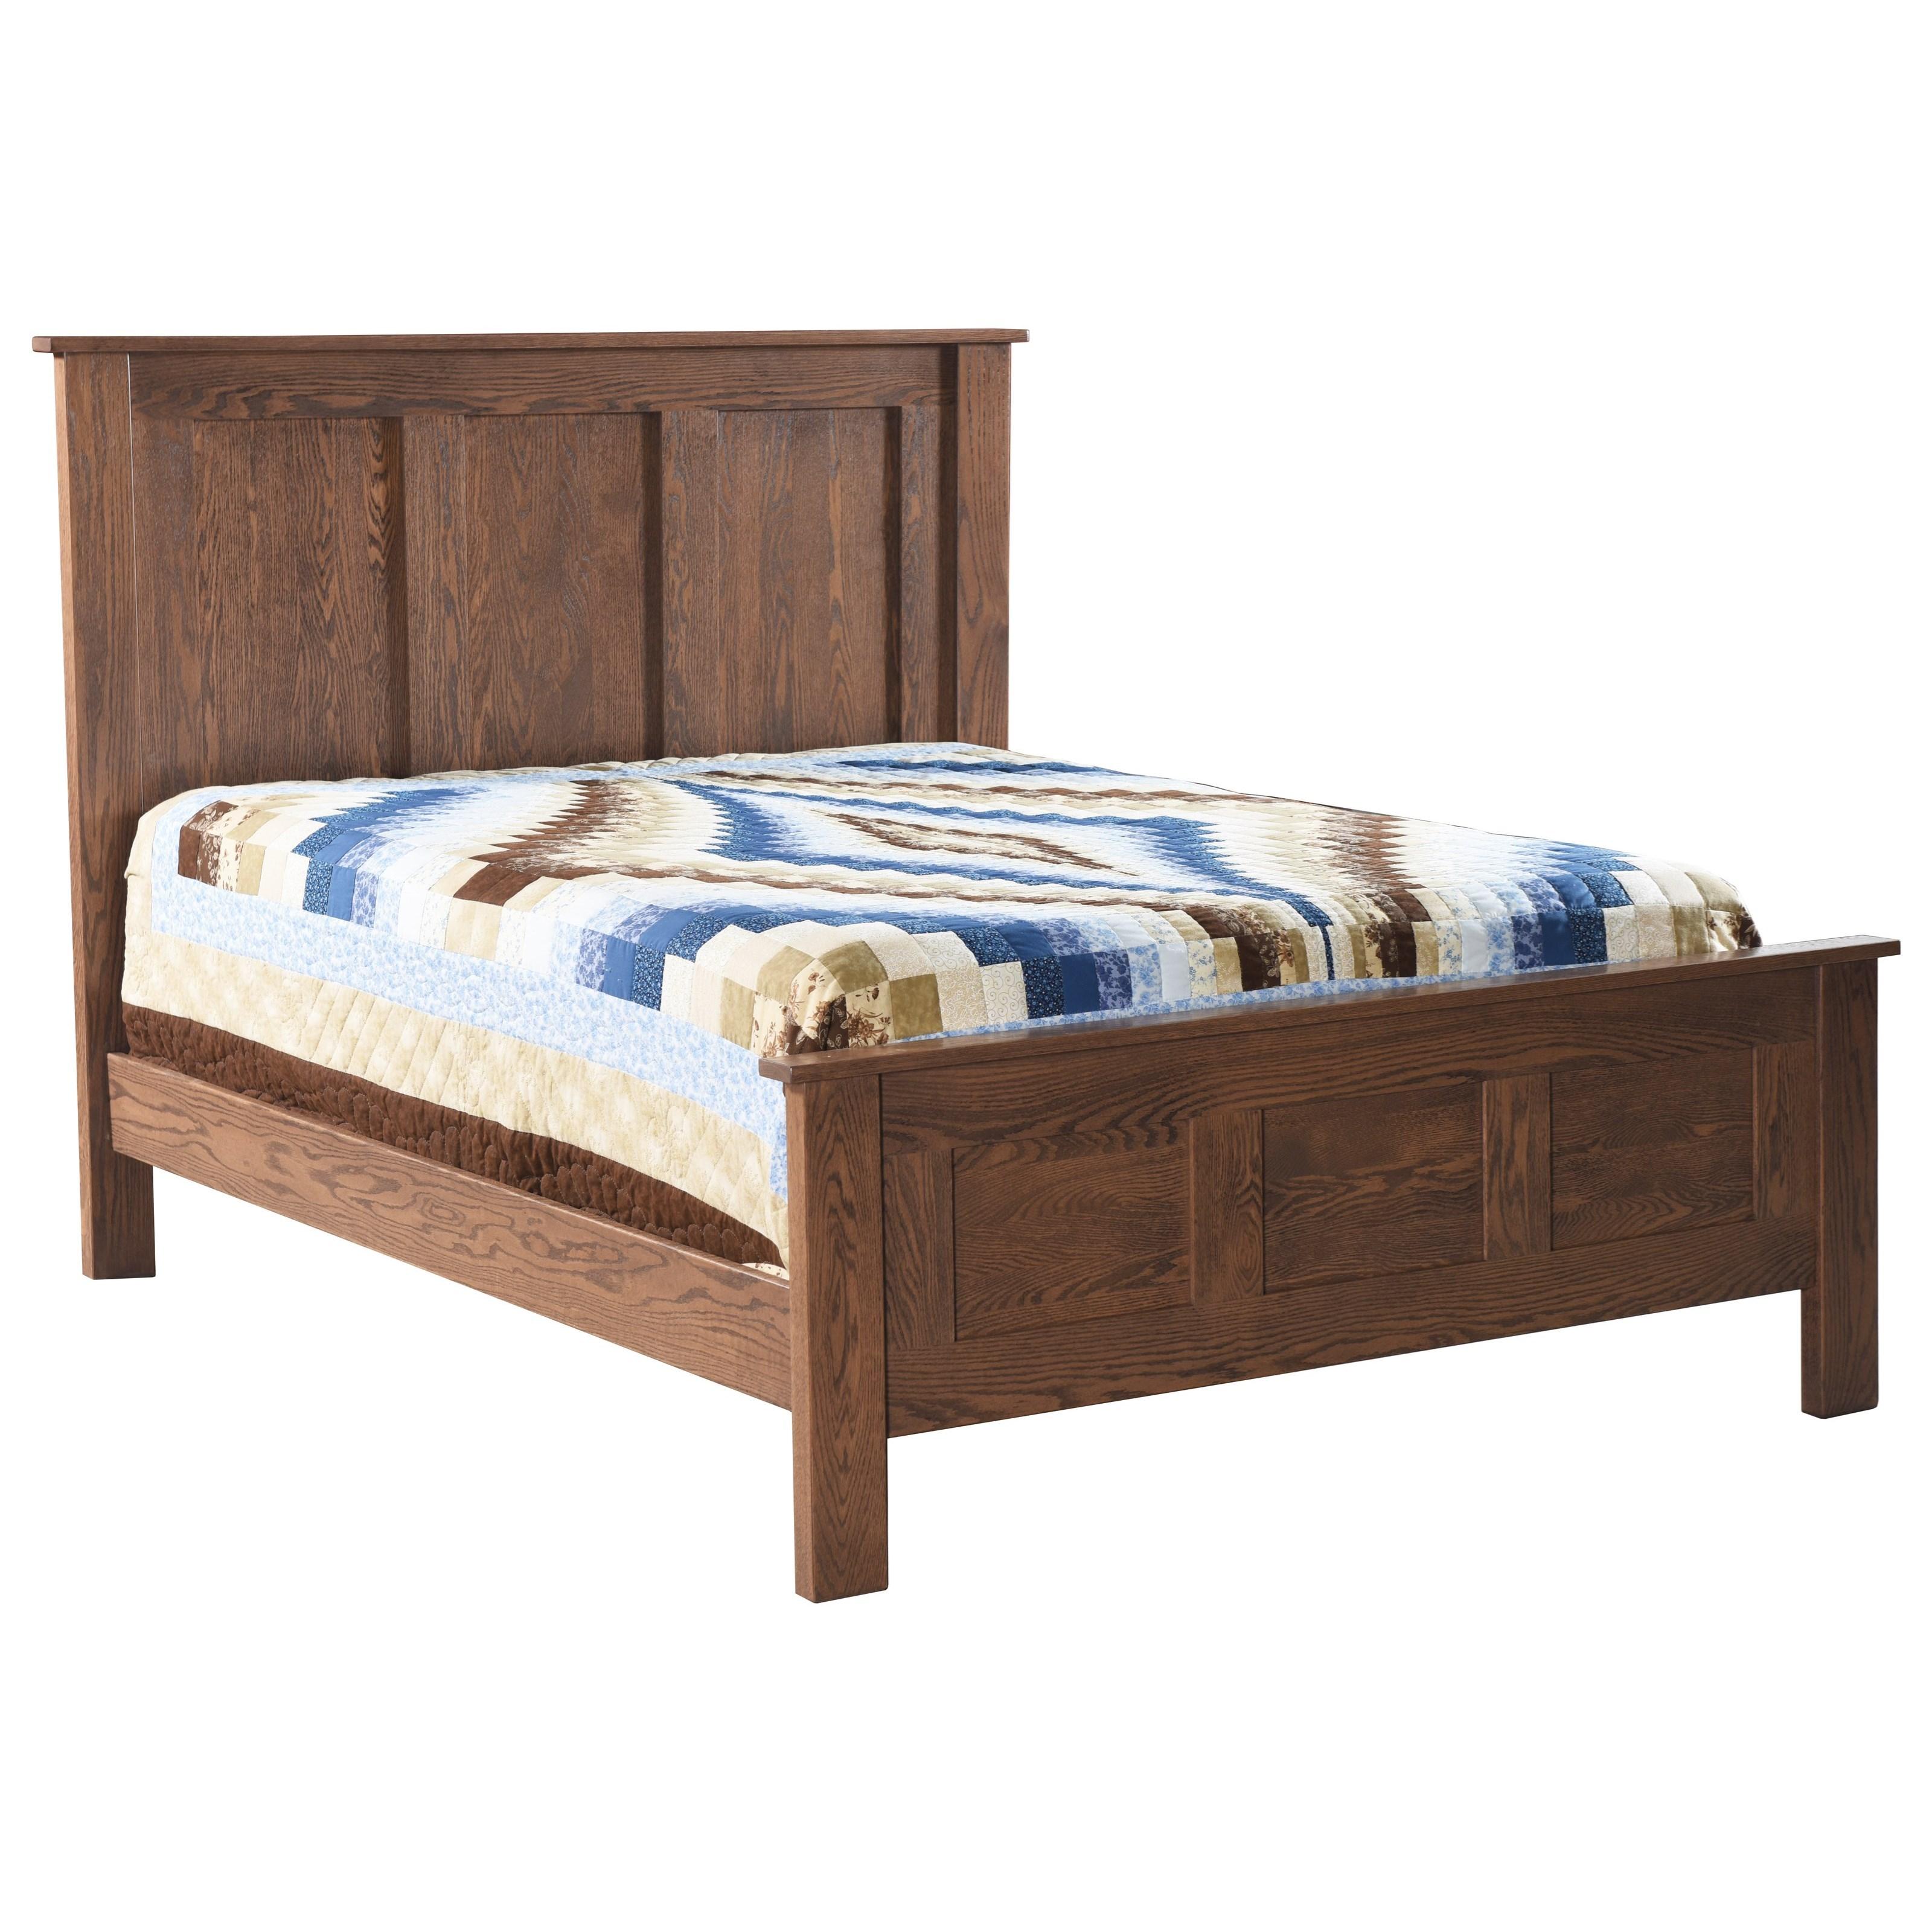 Franklin Oak Bedroom Queen Panel Bed by Archbold Furniture at Steger's Furniture